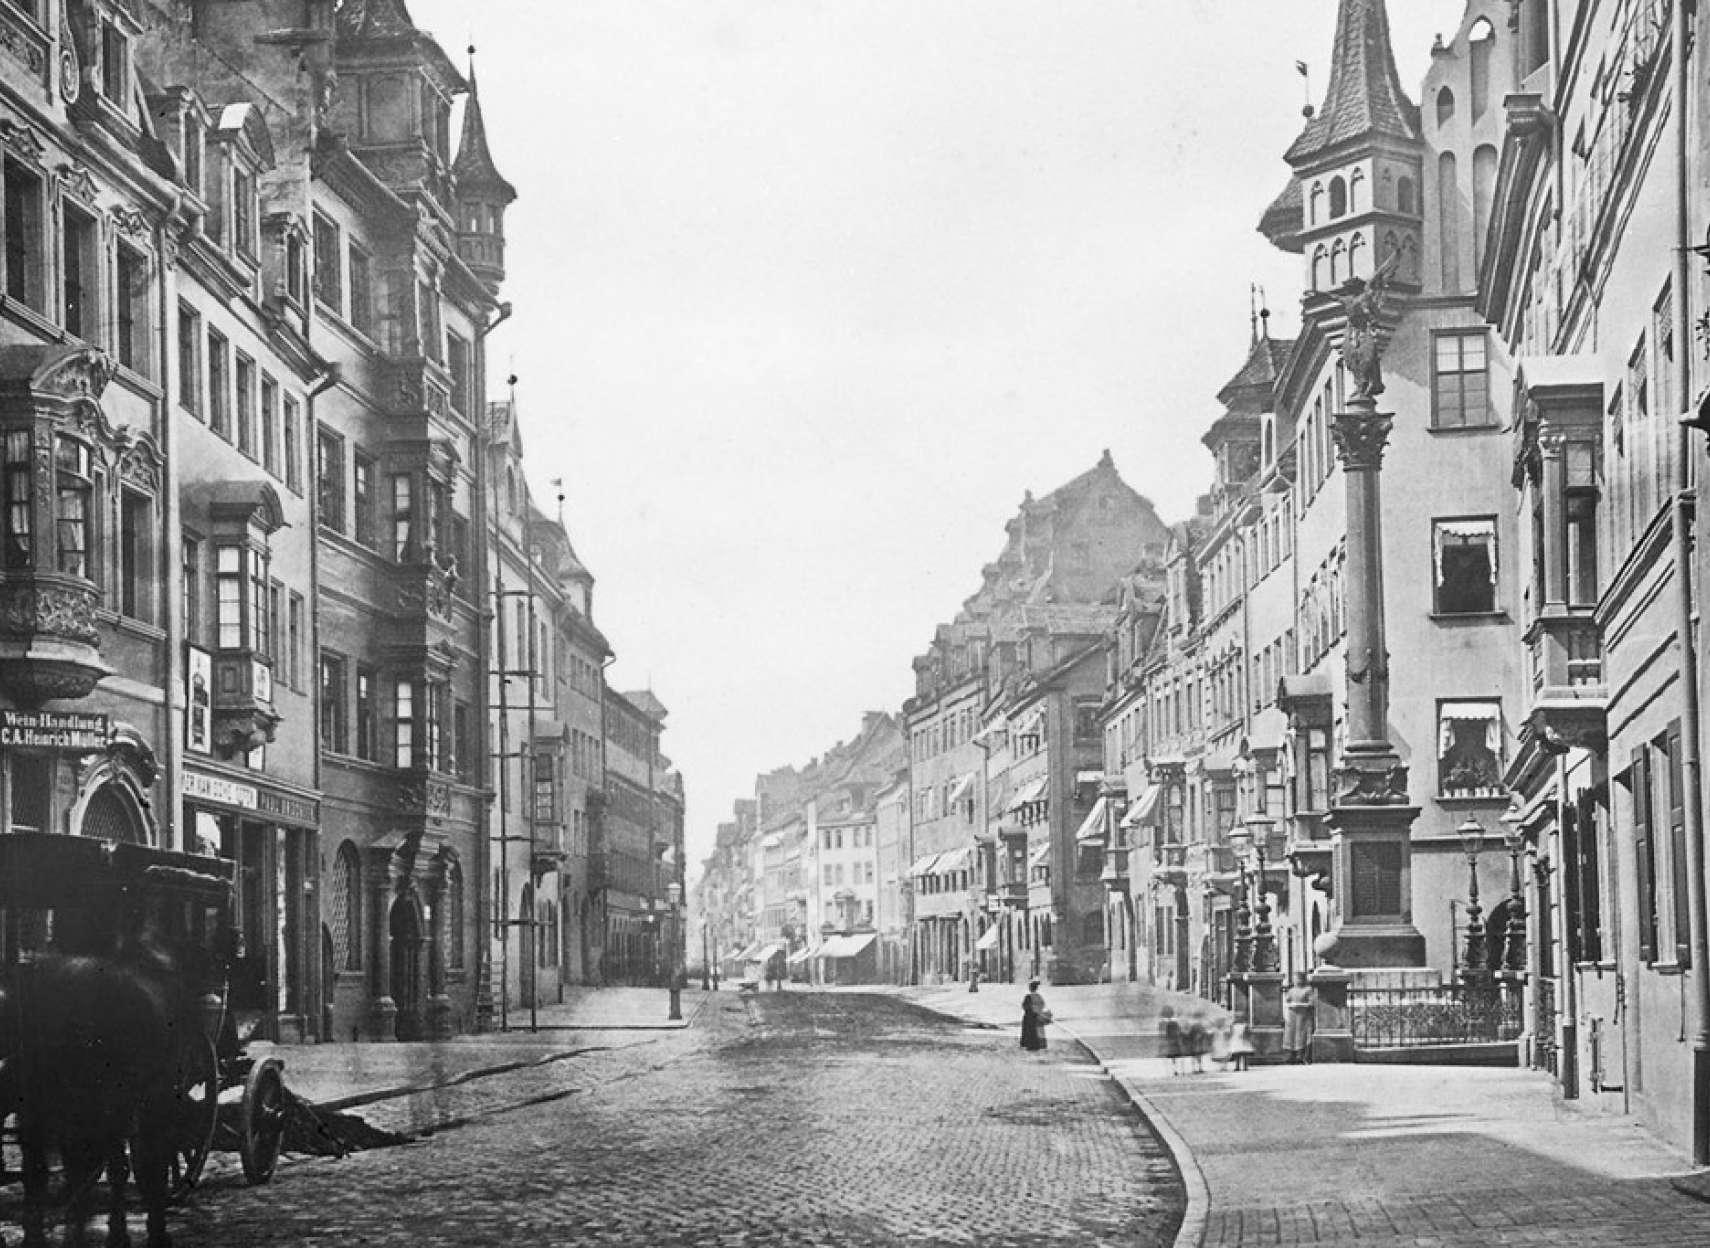 اختری-تاریخ-رمپیس-و-اتینگهاوزن-دو-شرقشناس-آلمانی